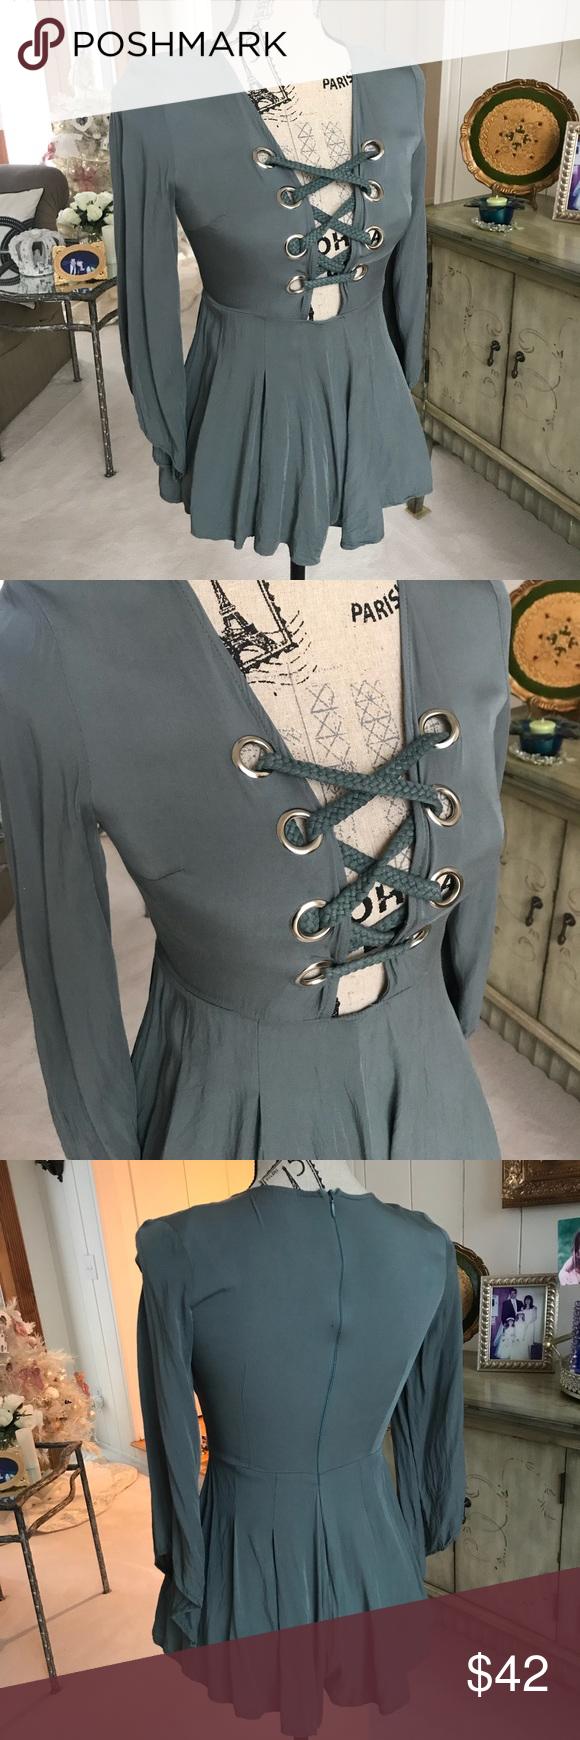 Rumor Boutique (LF) Dresses   Lf Purple Paisley Floral Cut